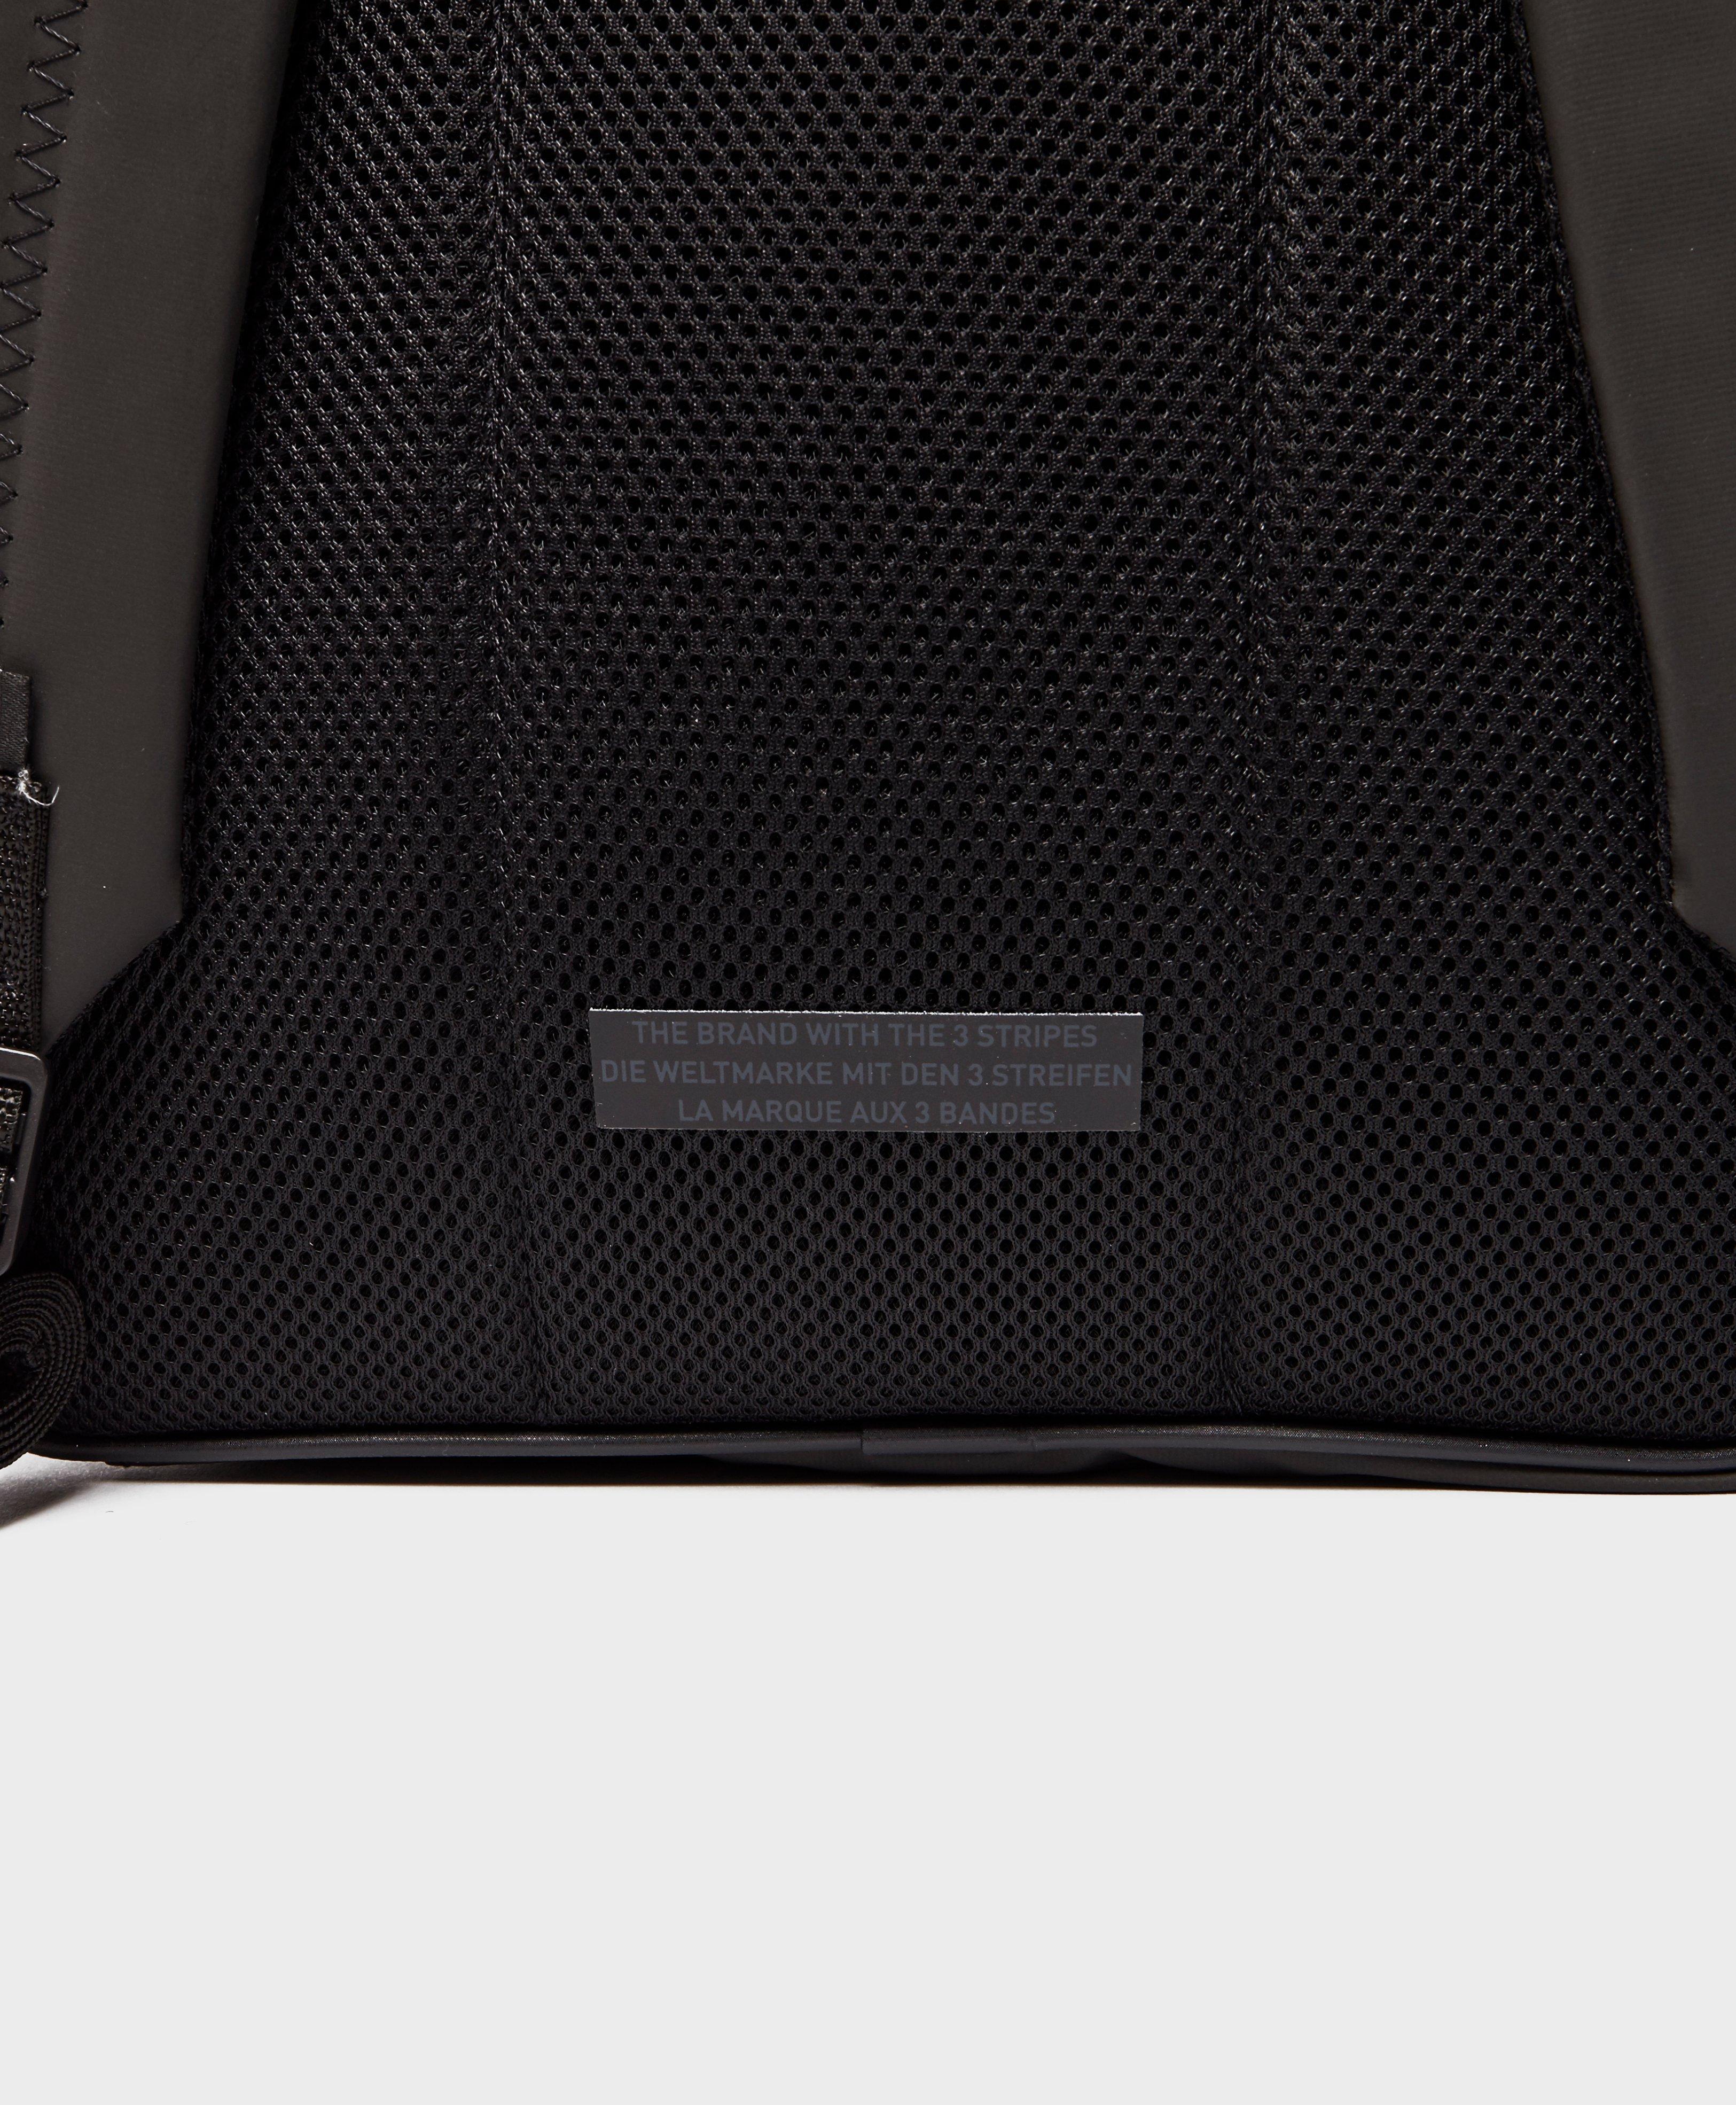 fa64d51766 adidas Originals 2 Pocket Backpack in Black for Men - Lyst